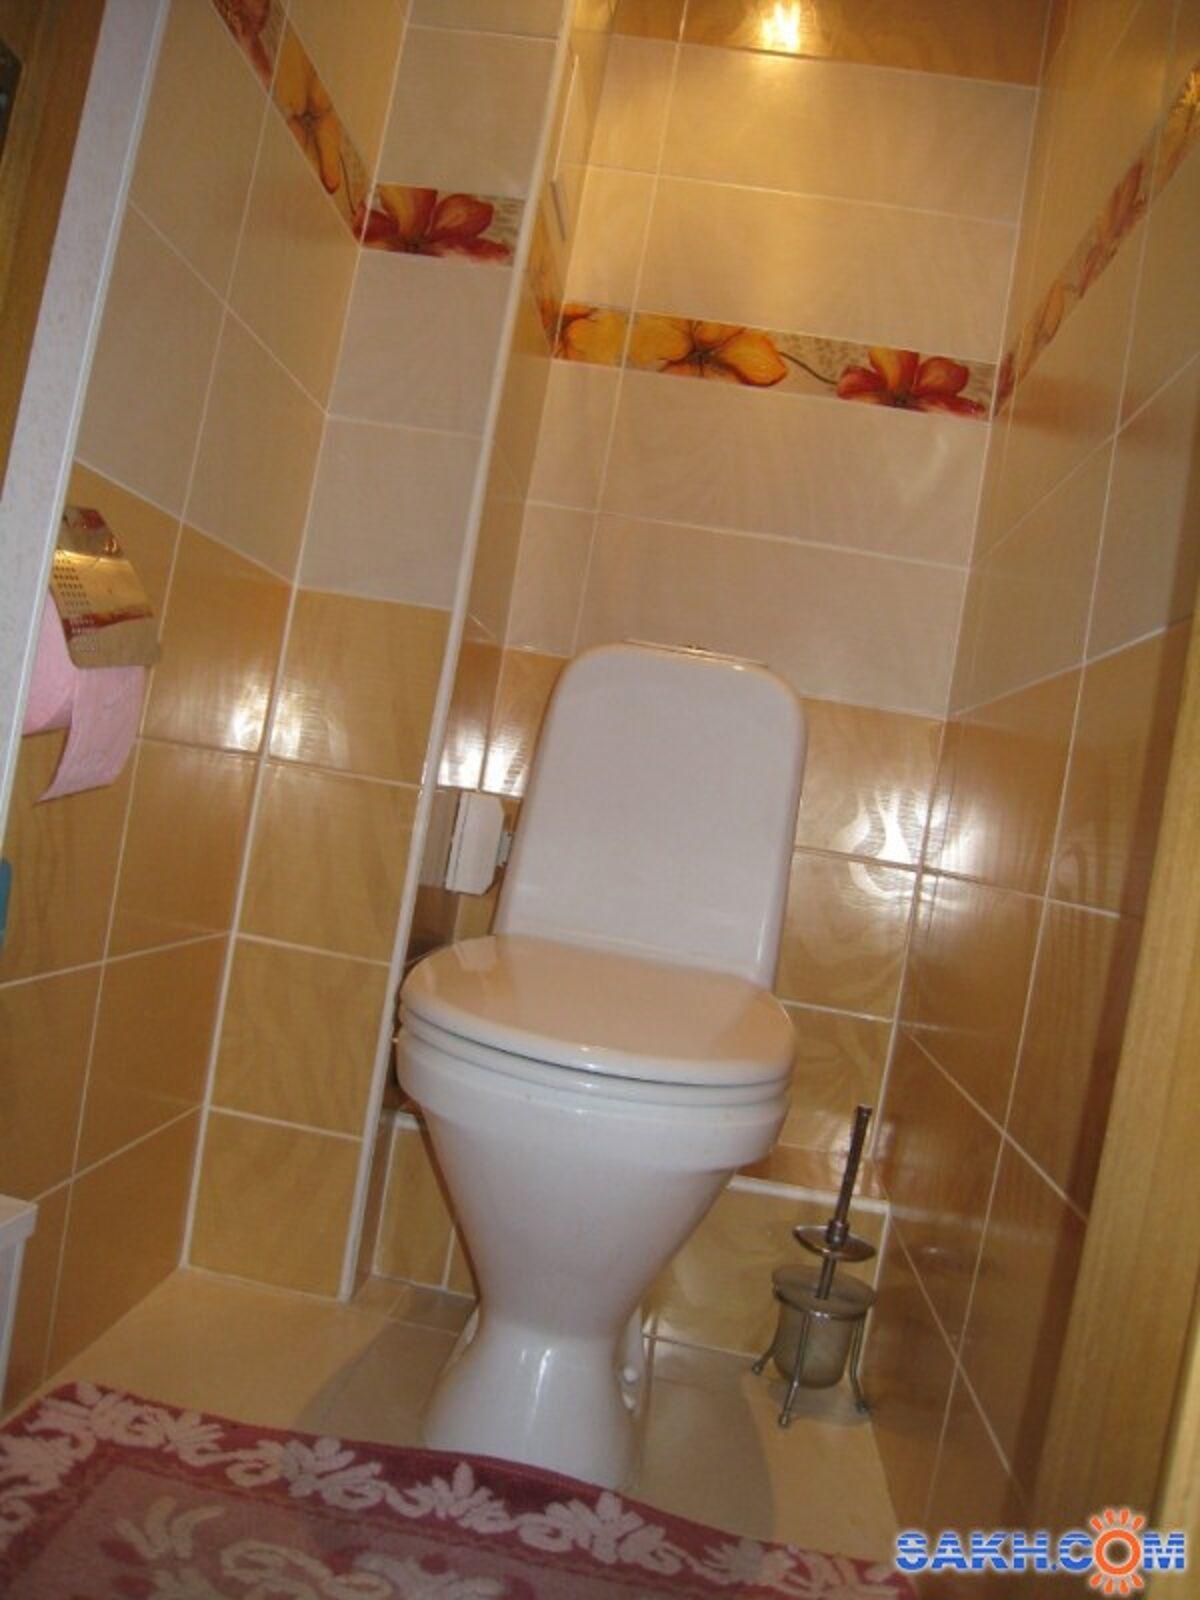 Ремонт в туалете панелями пвх